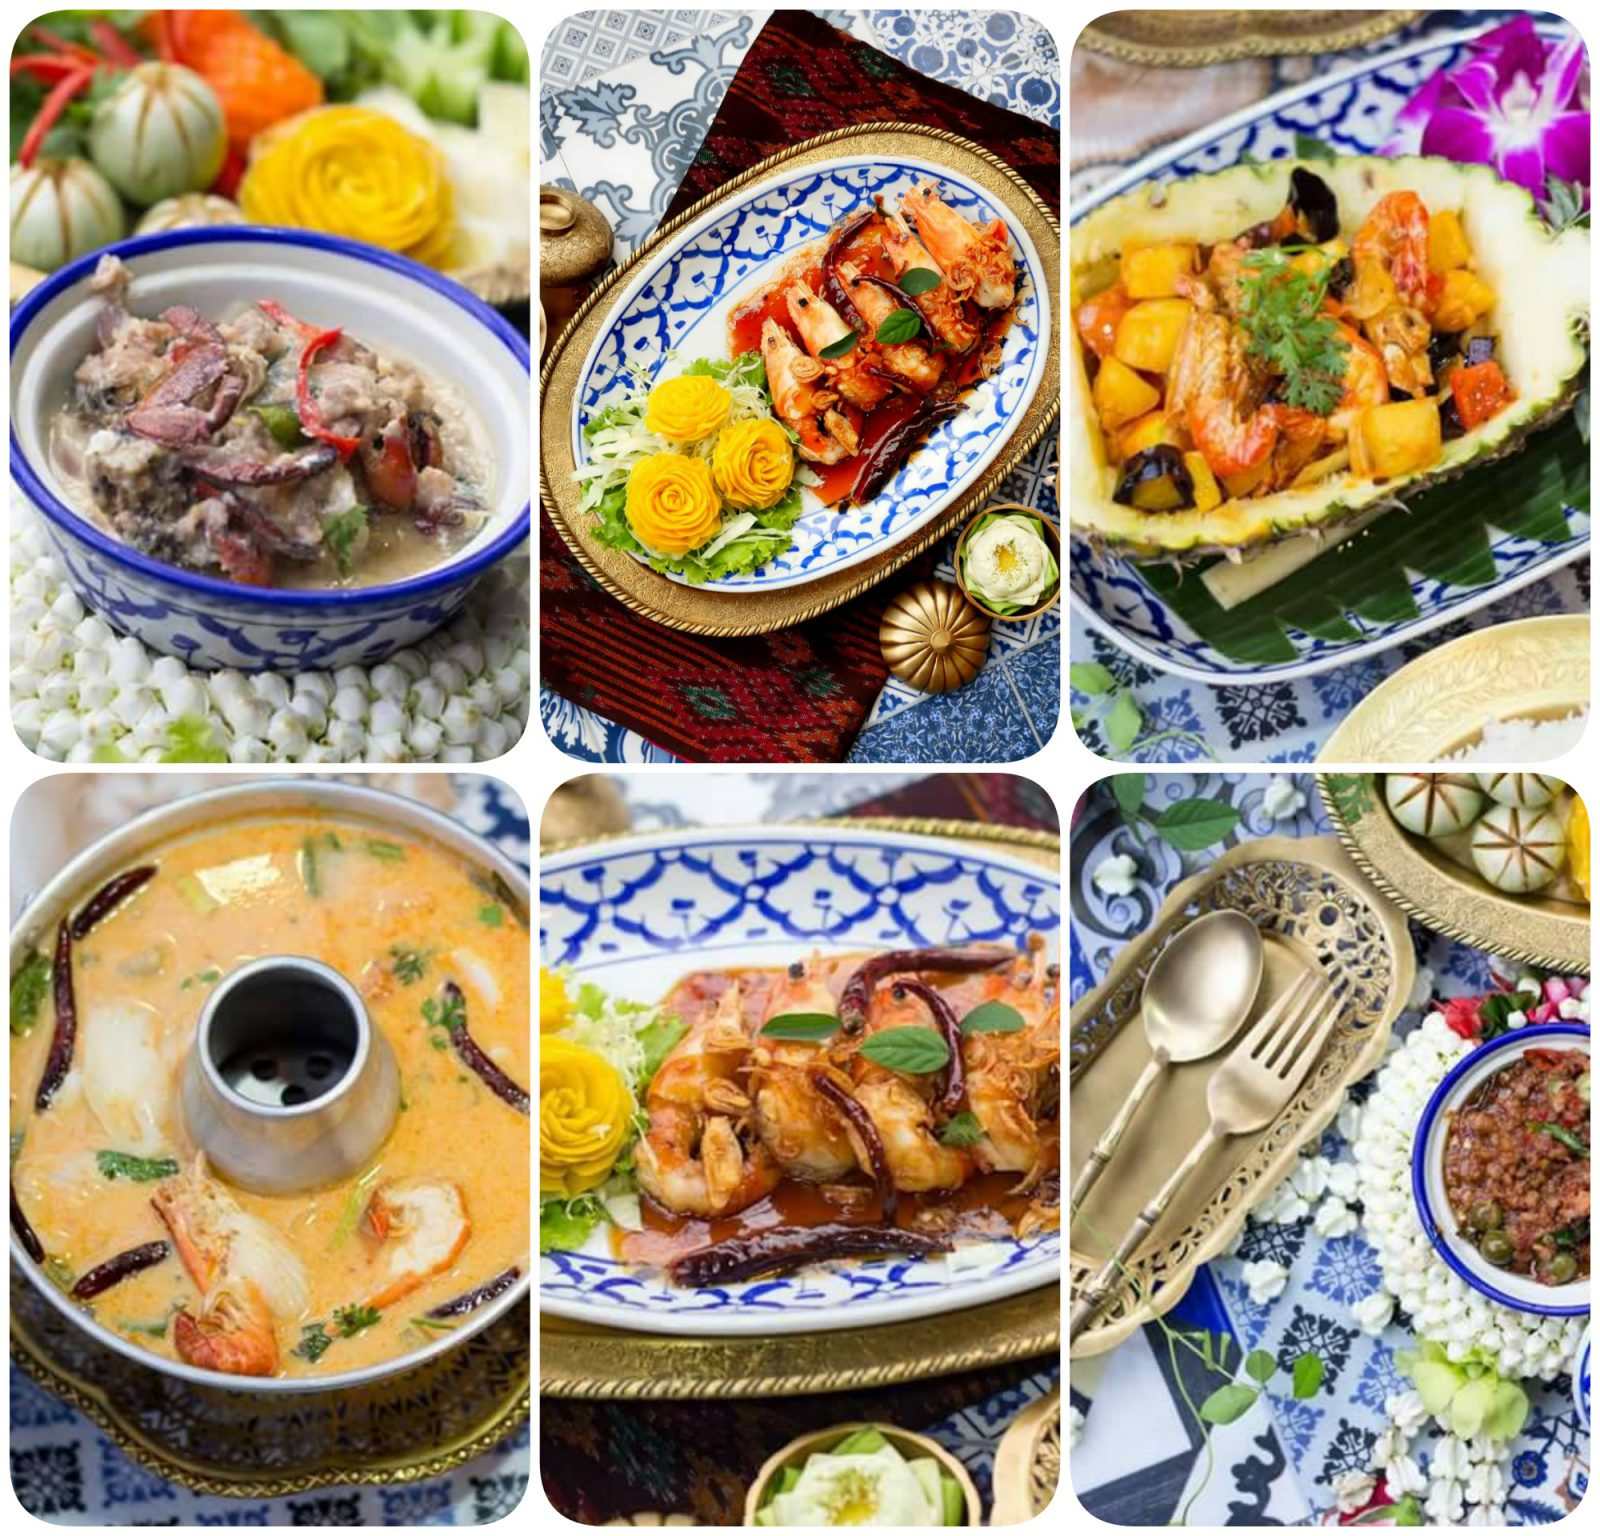 วิถีชีวิต วิถีไทย ทองเหลืองในครัวเรือน อนุรักษ์ความเป็นไทย บนโตะอาหาร